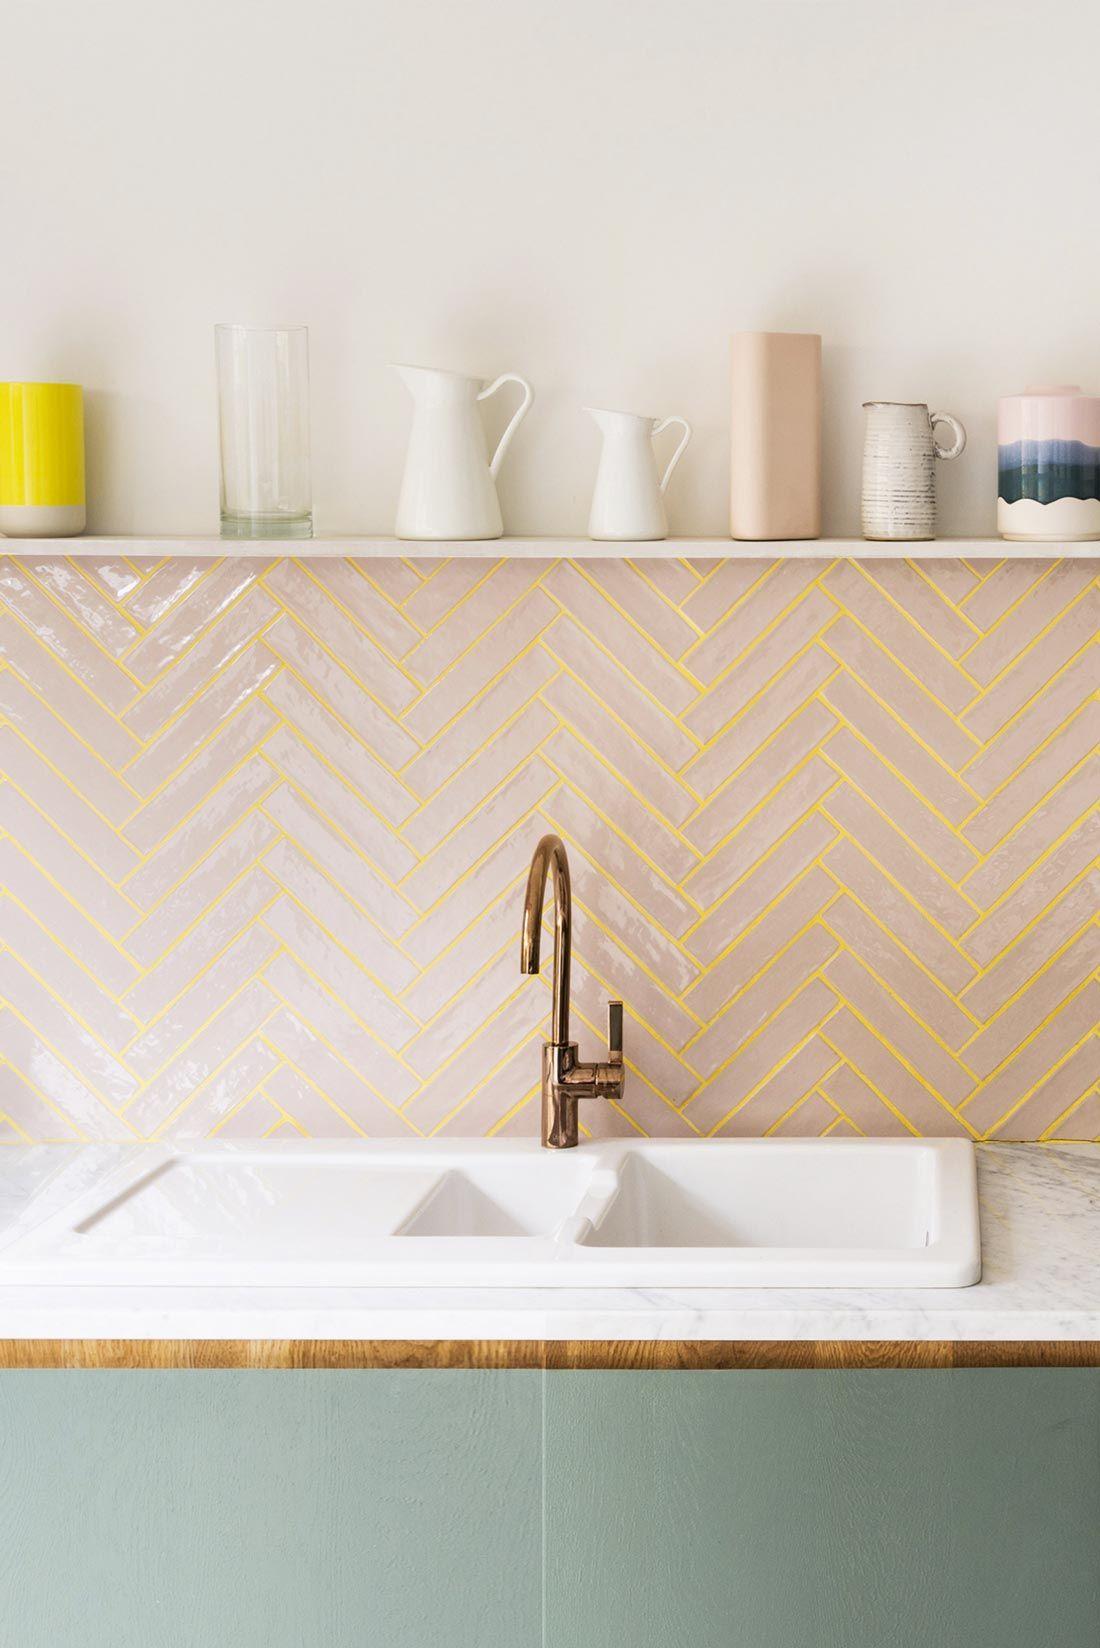 Herringbone Tiles - ROOMER Blog